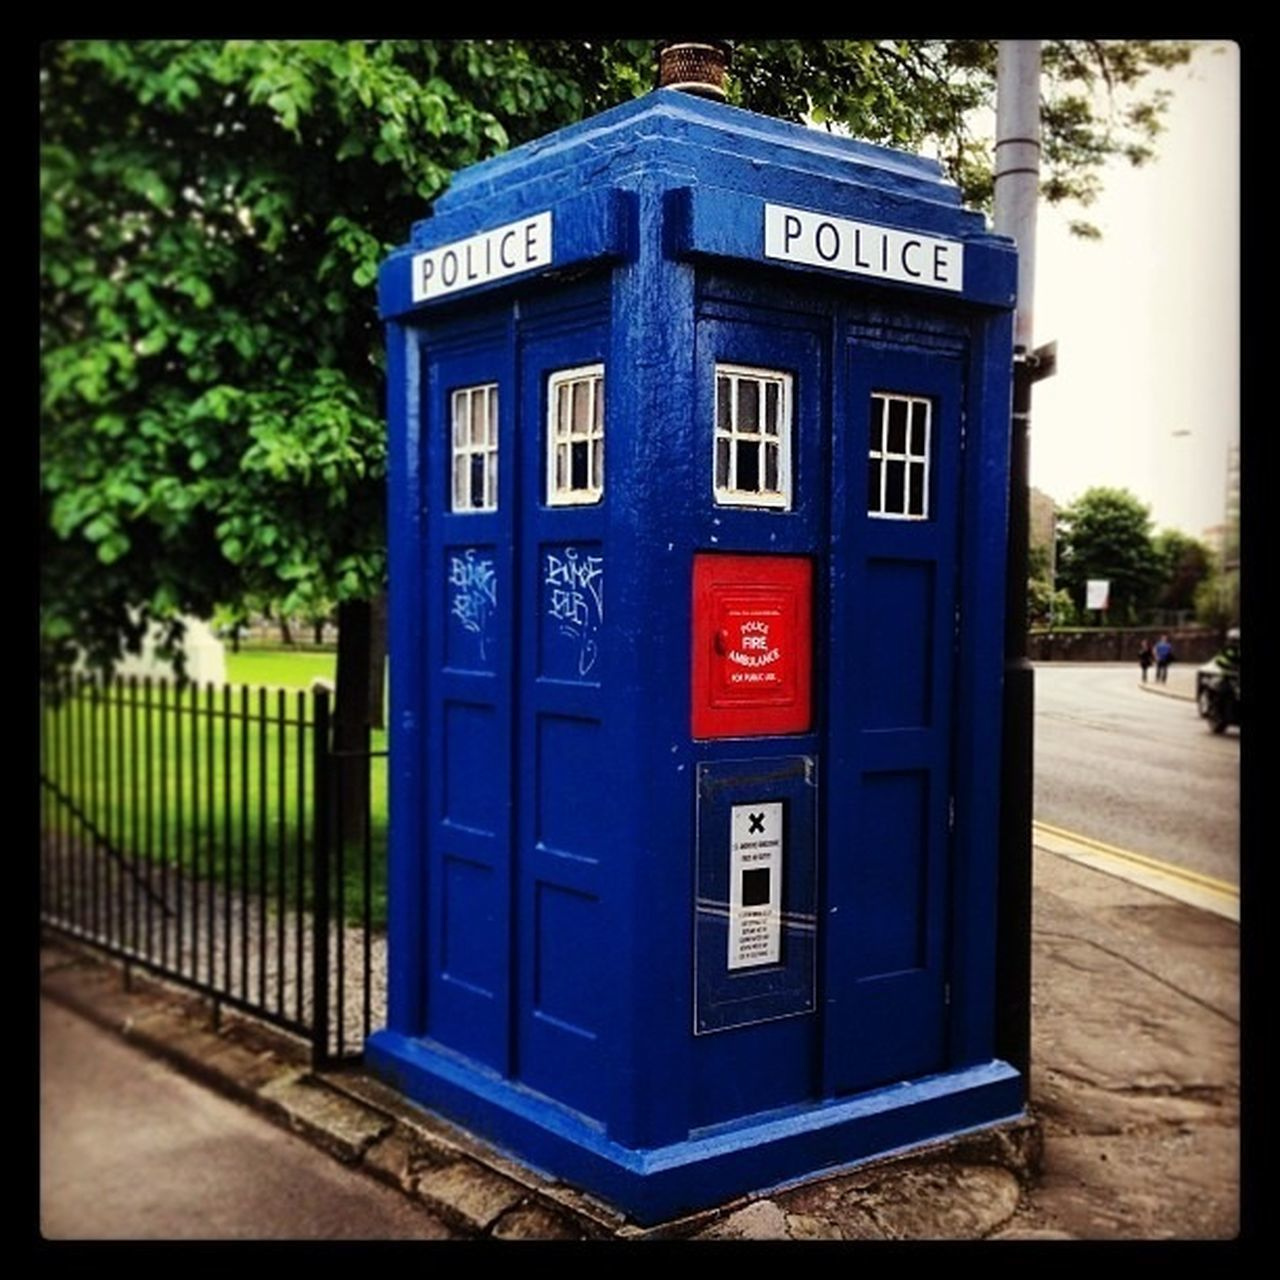 Police Doctor Who Tardis